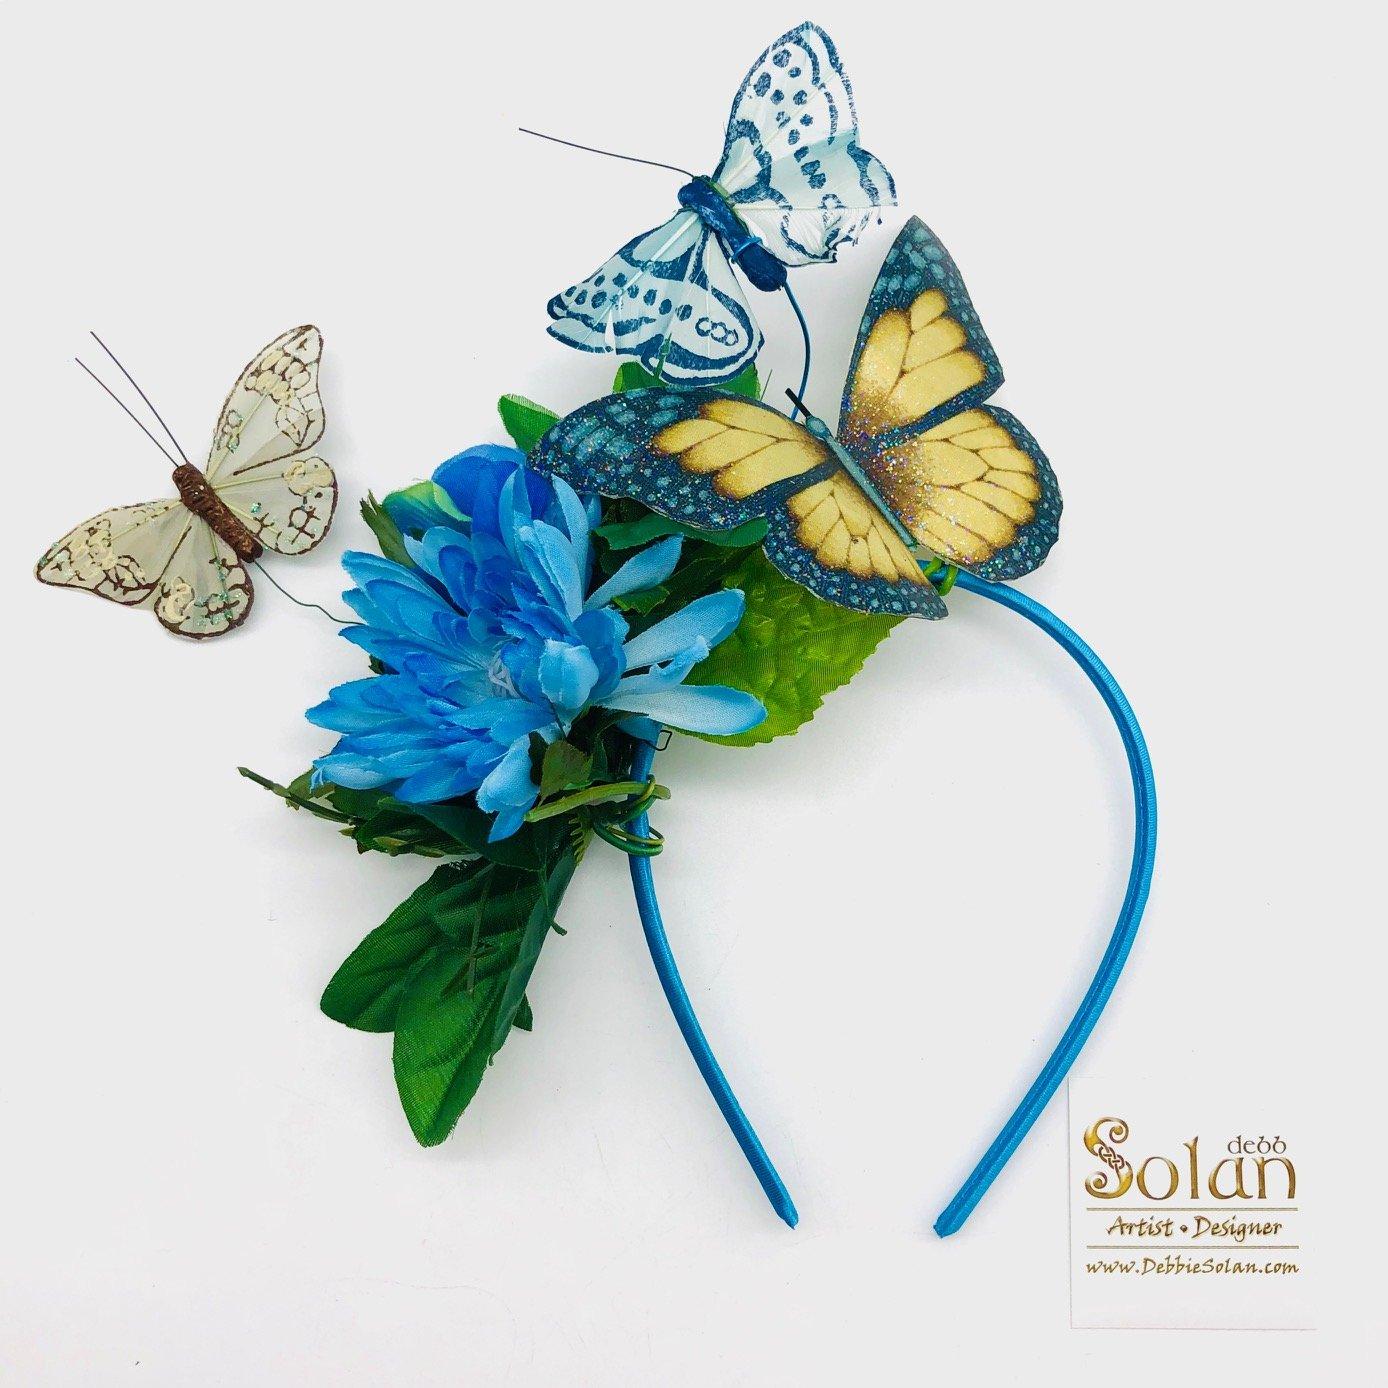 Flights of Fancy: Butterfly Headpieces